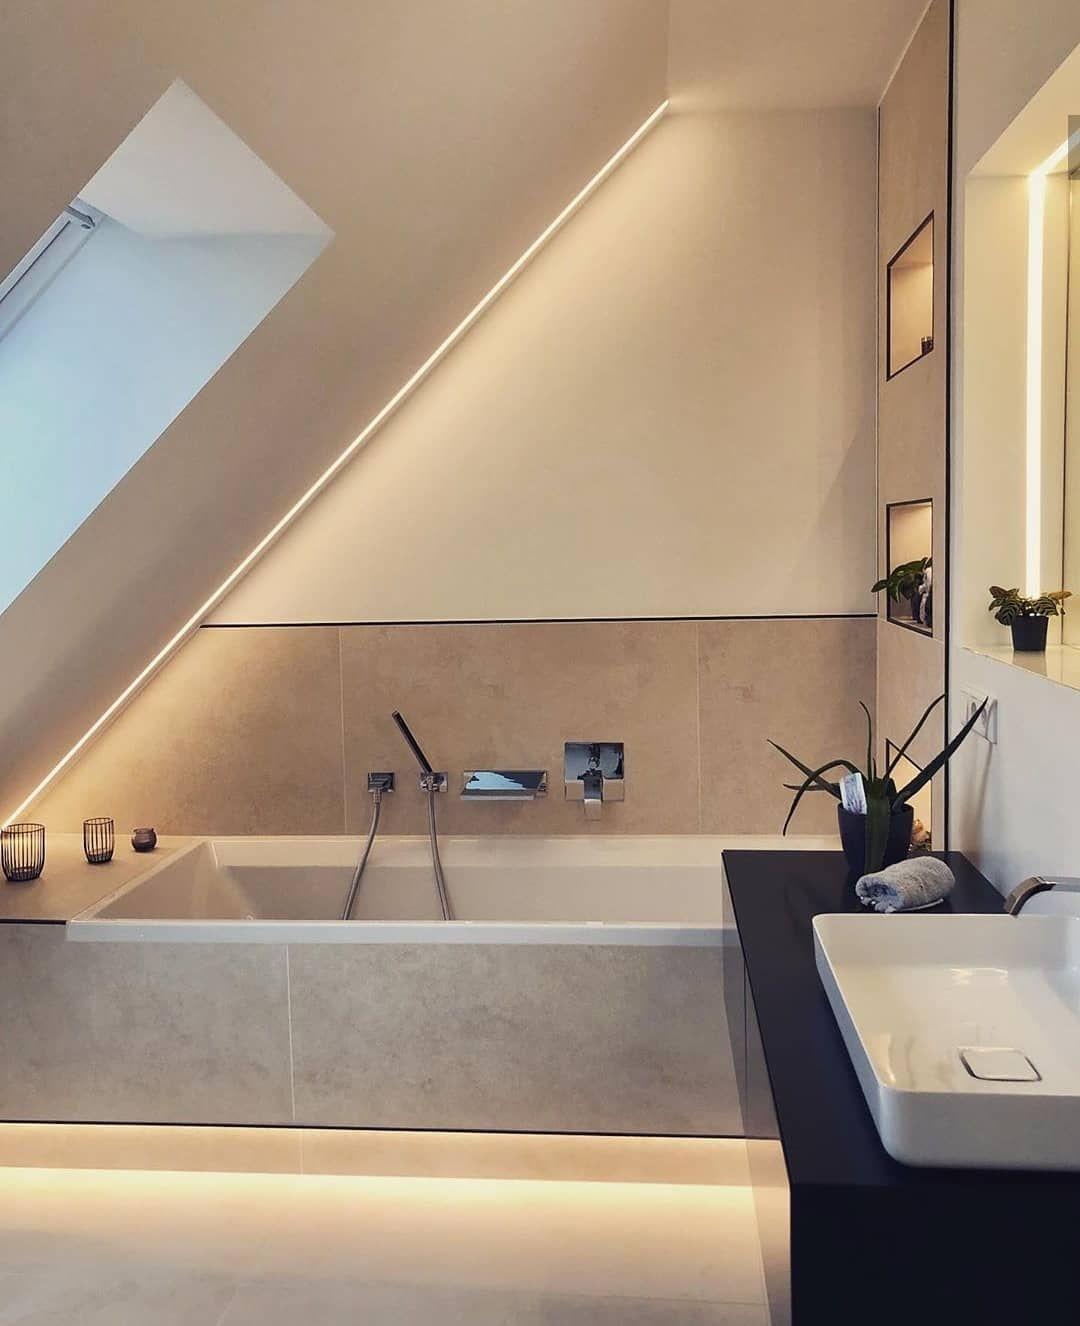 Passion Tiles On Instagram Werbung Badezimmer Geplant Von Stylingroom De Licht Badgestaltung Meinhaus Meinzuhause Renovieren Fliese Hoeden